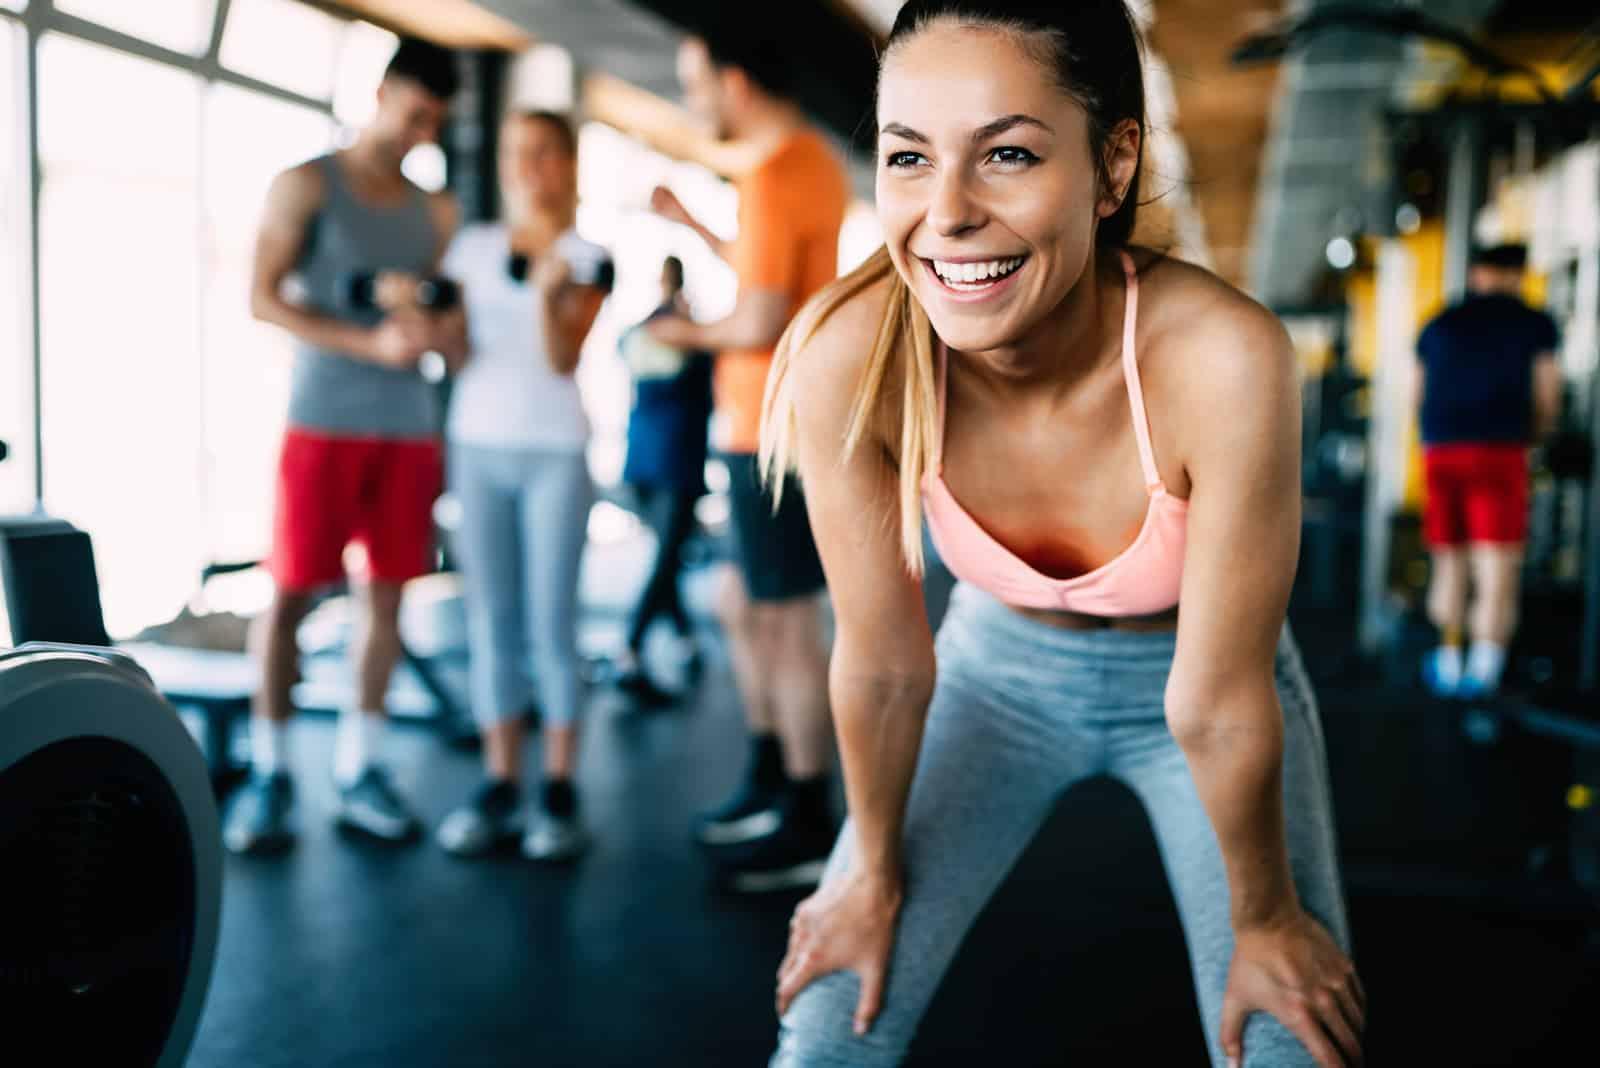 une femme souriante debout dans la salle de gym